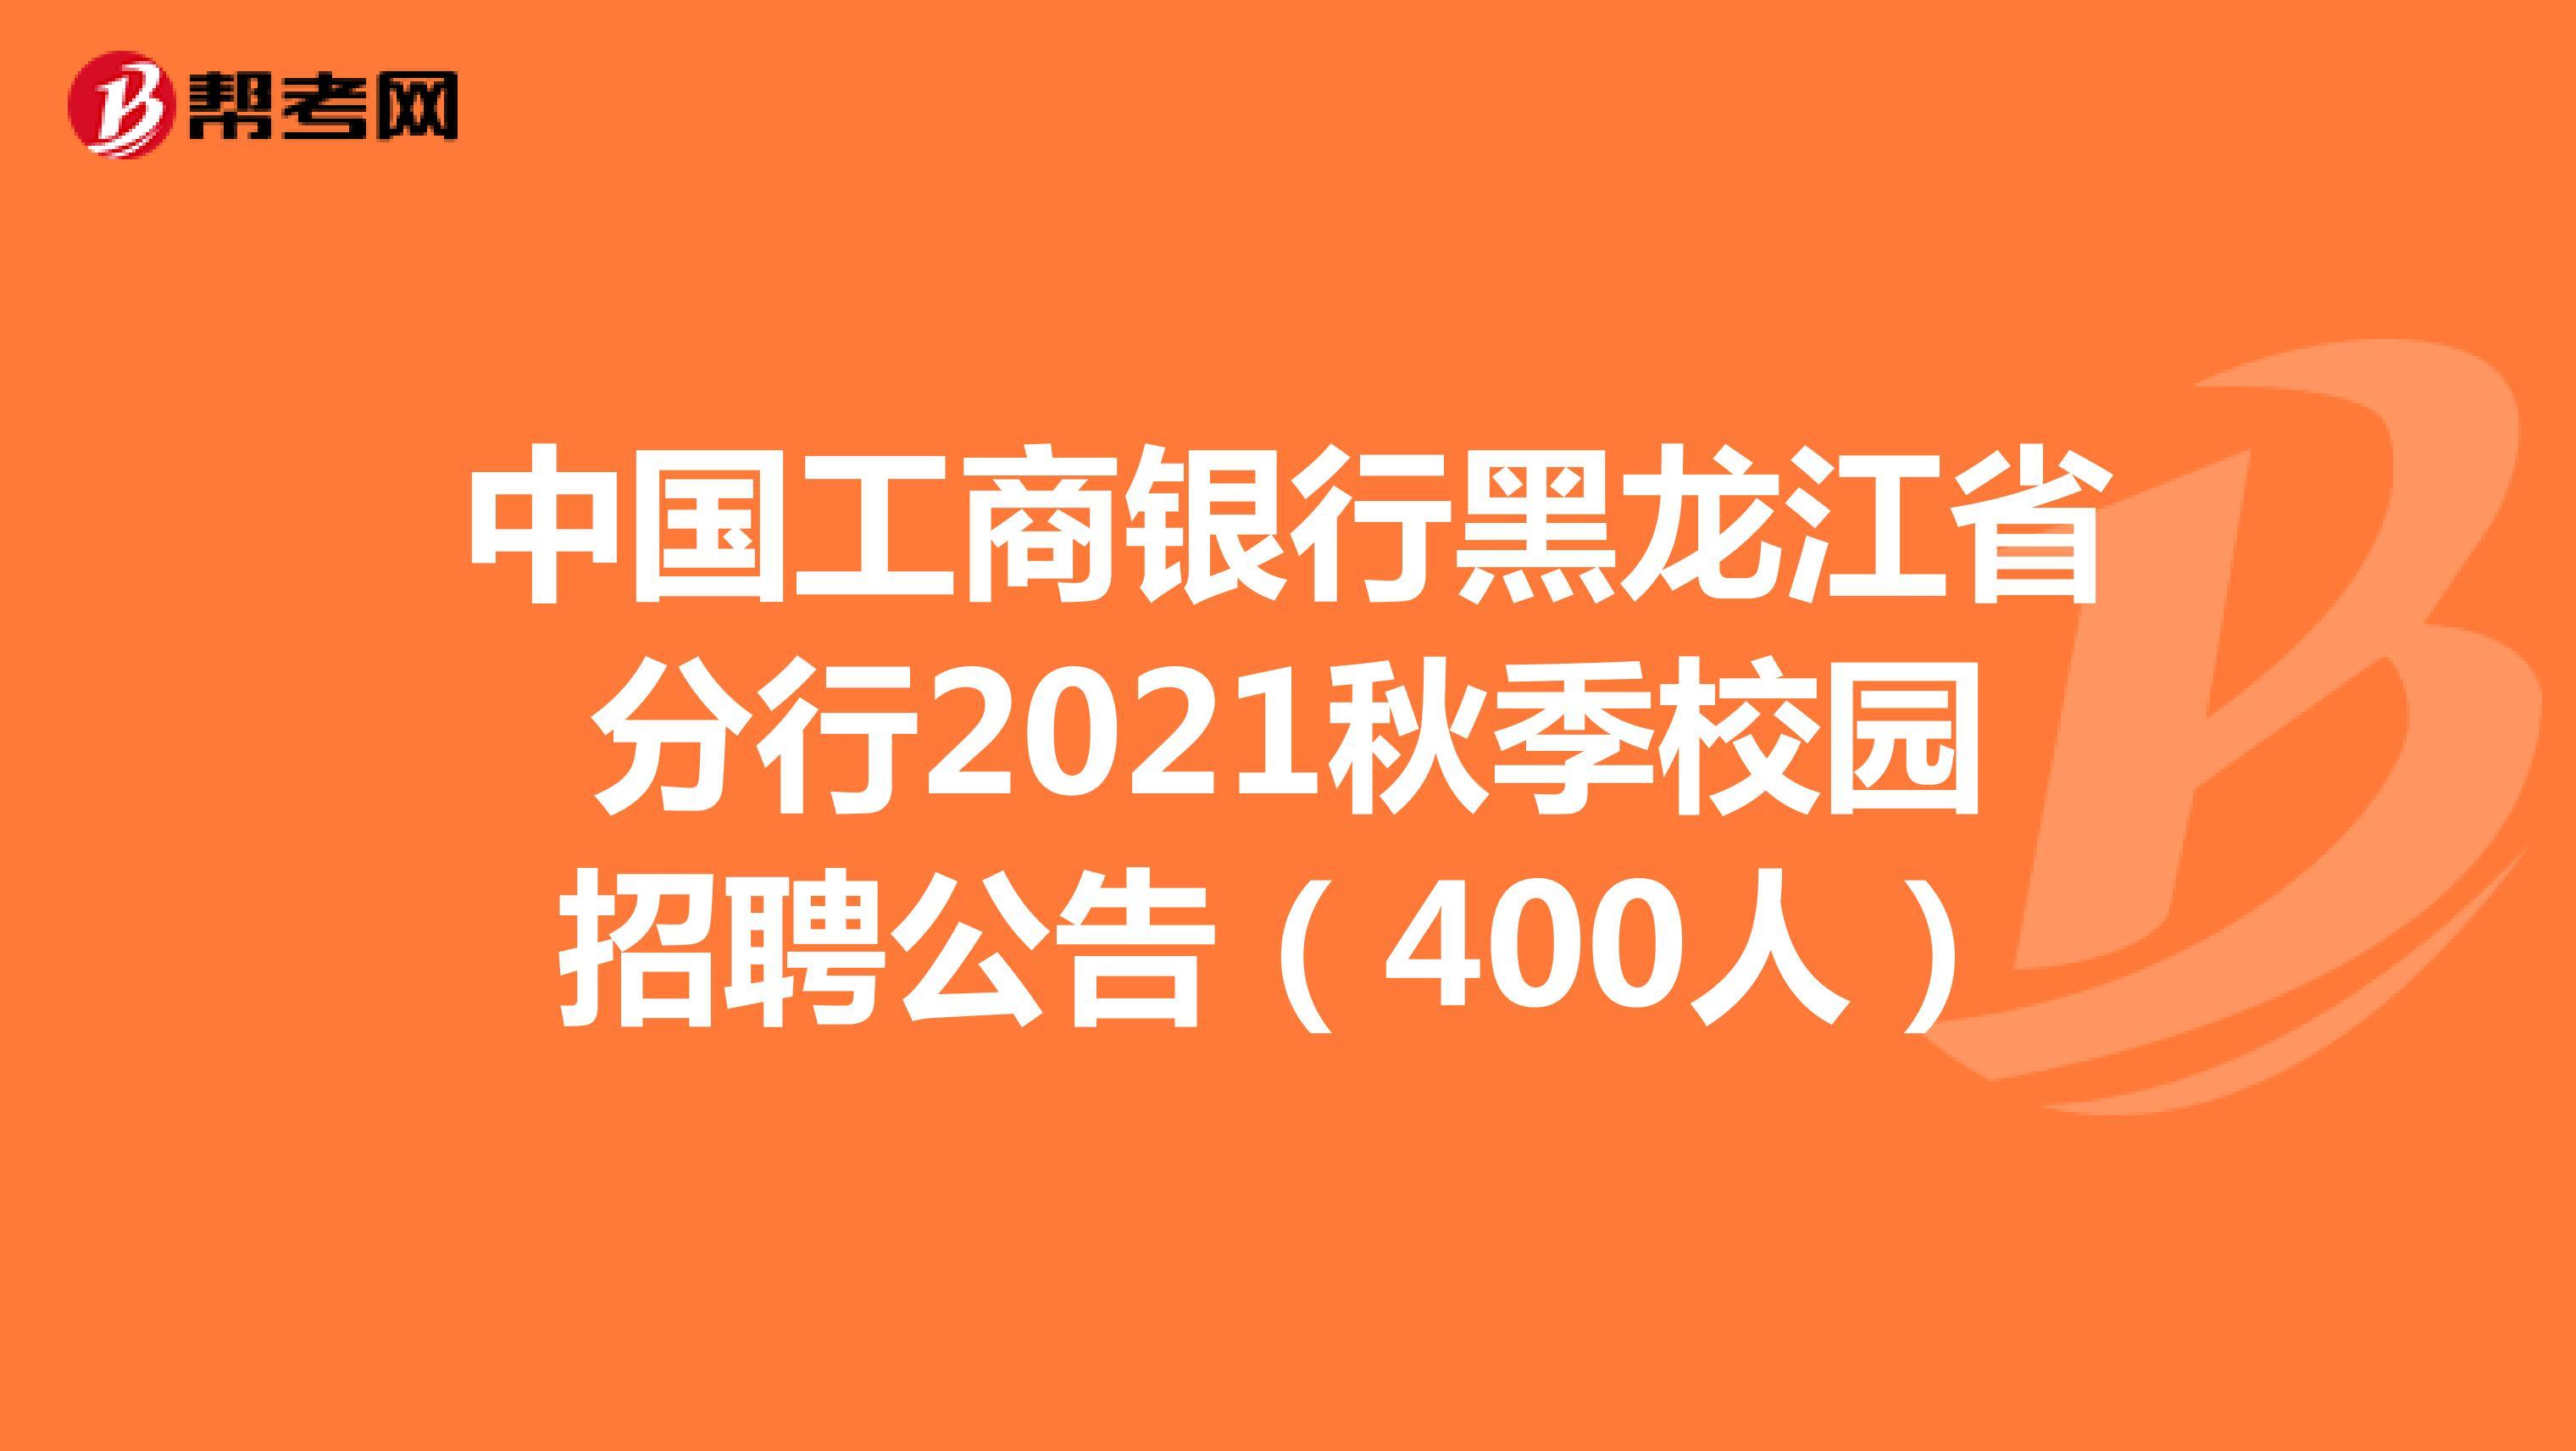 中国工商银行黑龙江省分行2021秋季校园招聘公告(400人)